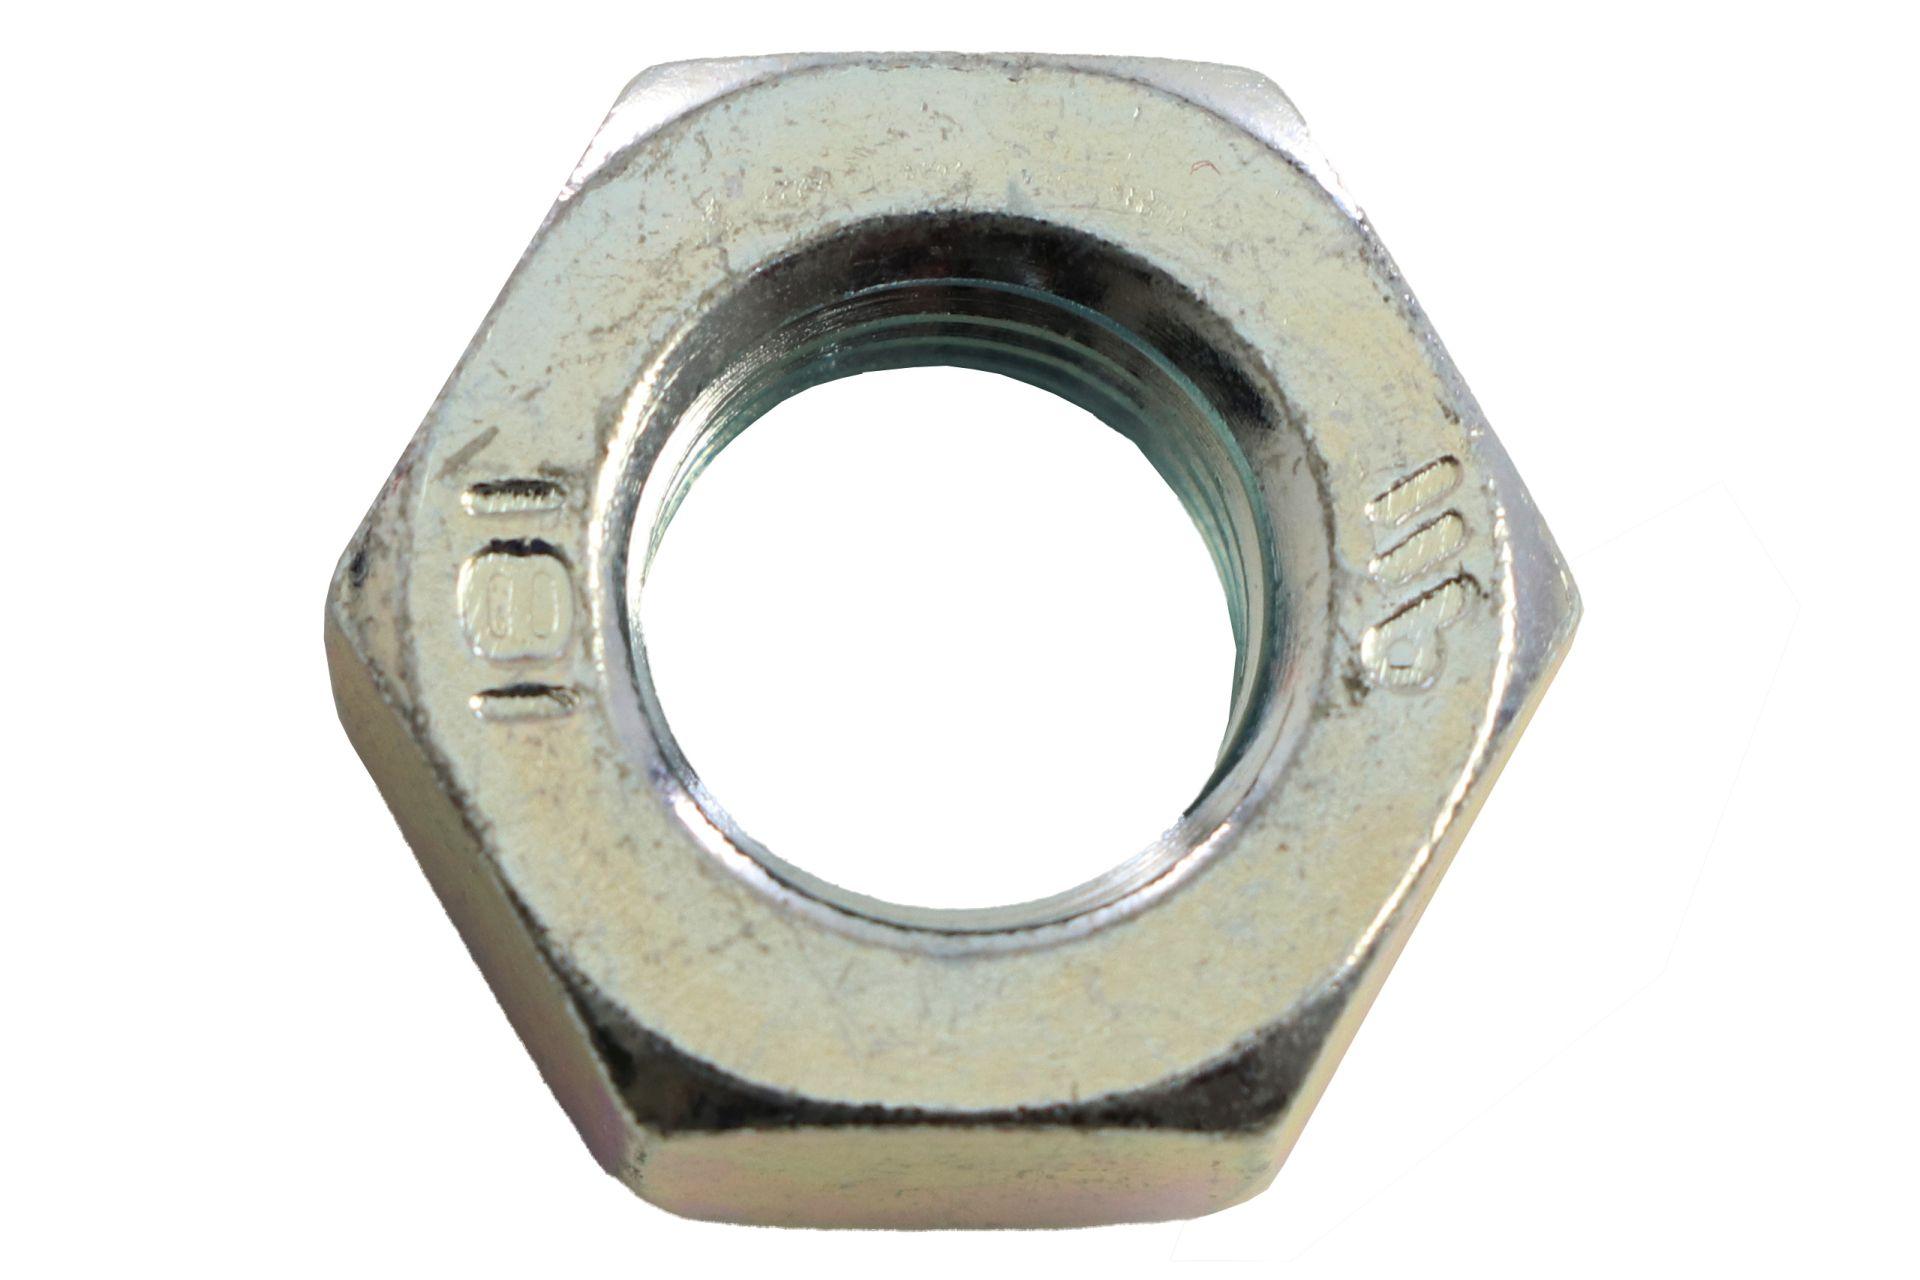 REYHER Sechskantmuttern galvanisch verzinkt, DIN 934 8, M6, 100 Stück